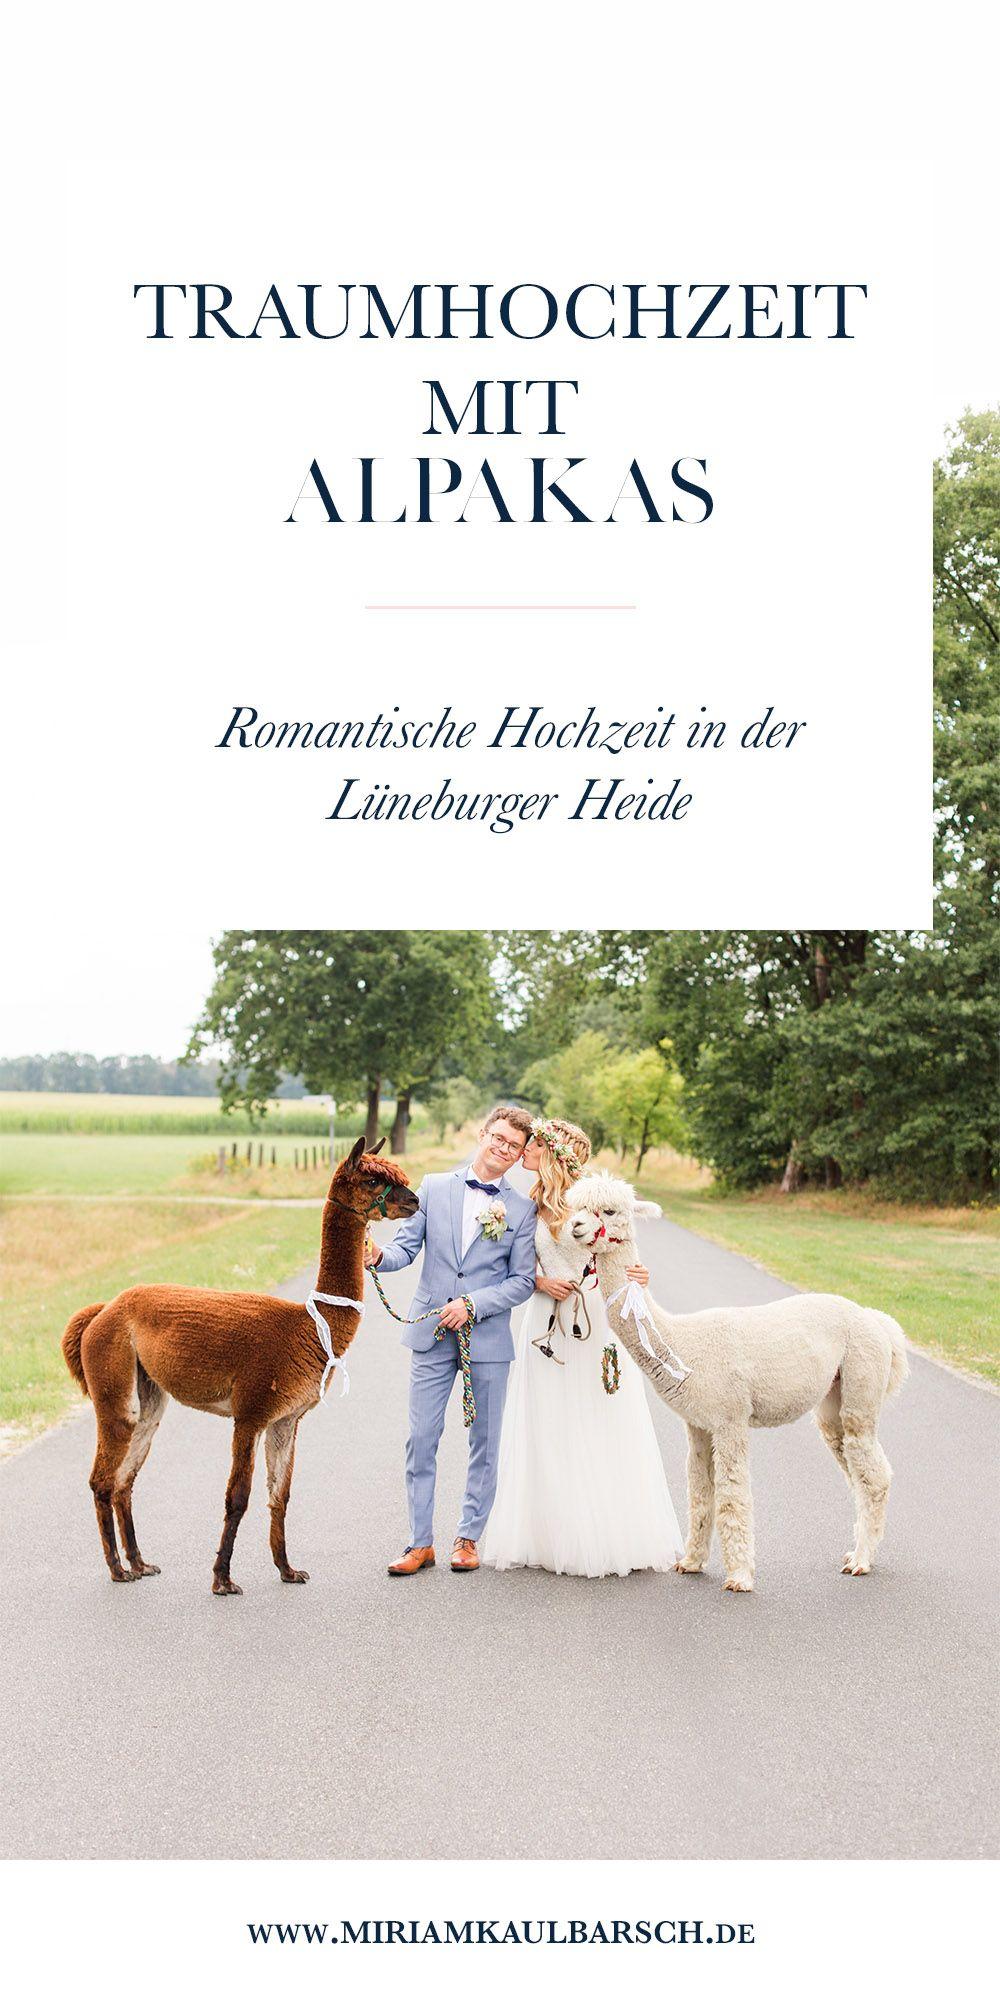 Traum Hochzeit Von Stephie Und Jan In Der Luneburger Heide Mit Alpakas Miriam Kaulbarsch Fotografie Traumhochzeit Hochzeit Luneburger Heide